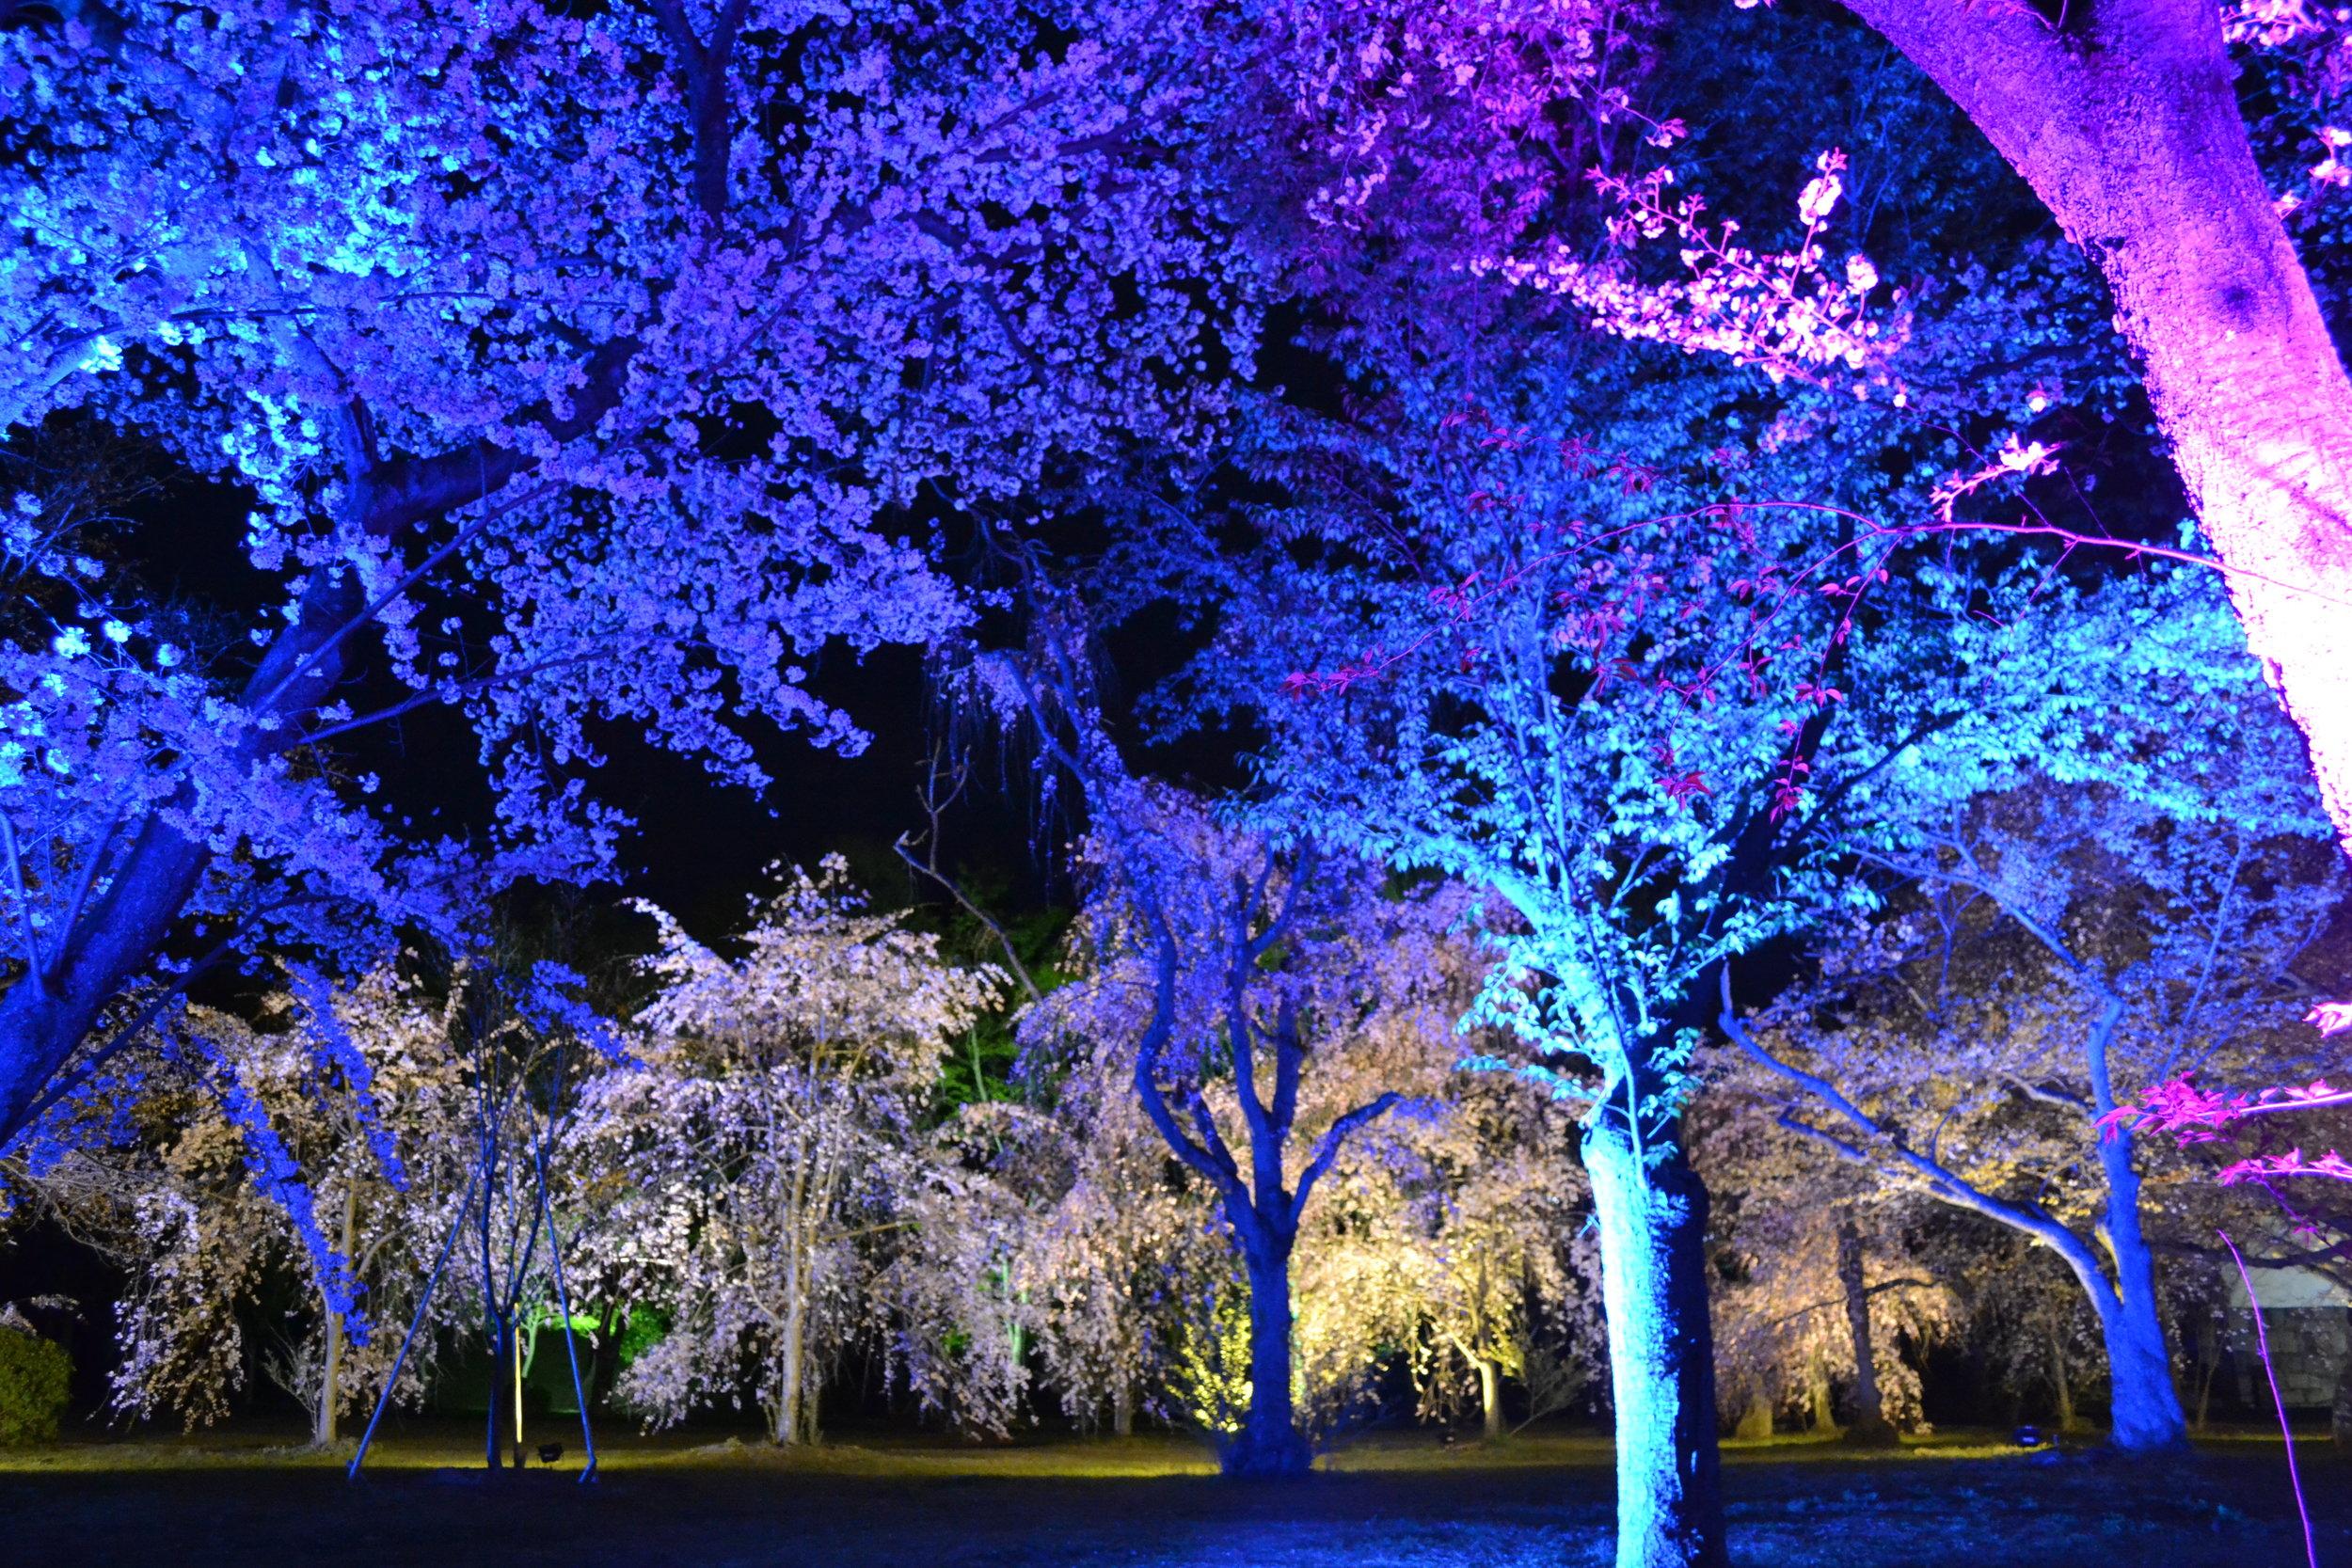 ¡También habían luces de diferentes colores! Se parece como un bosque de cuentos de hadas.